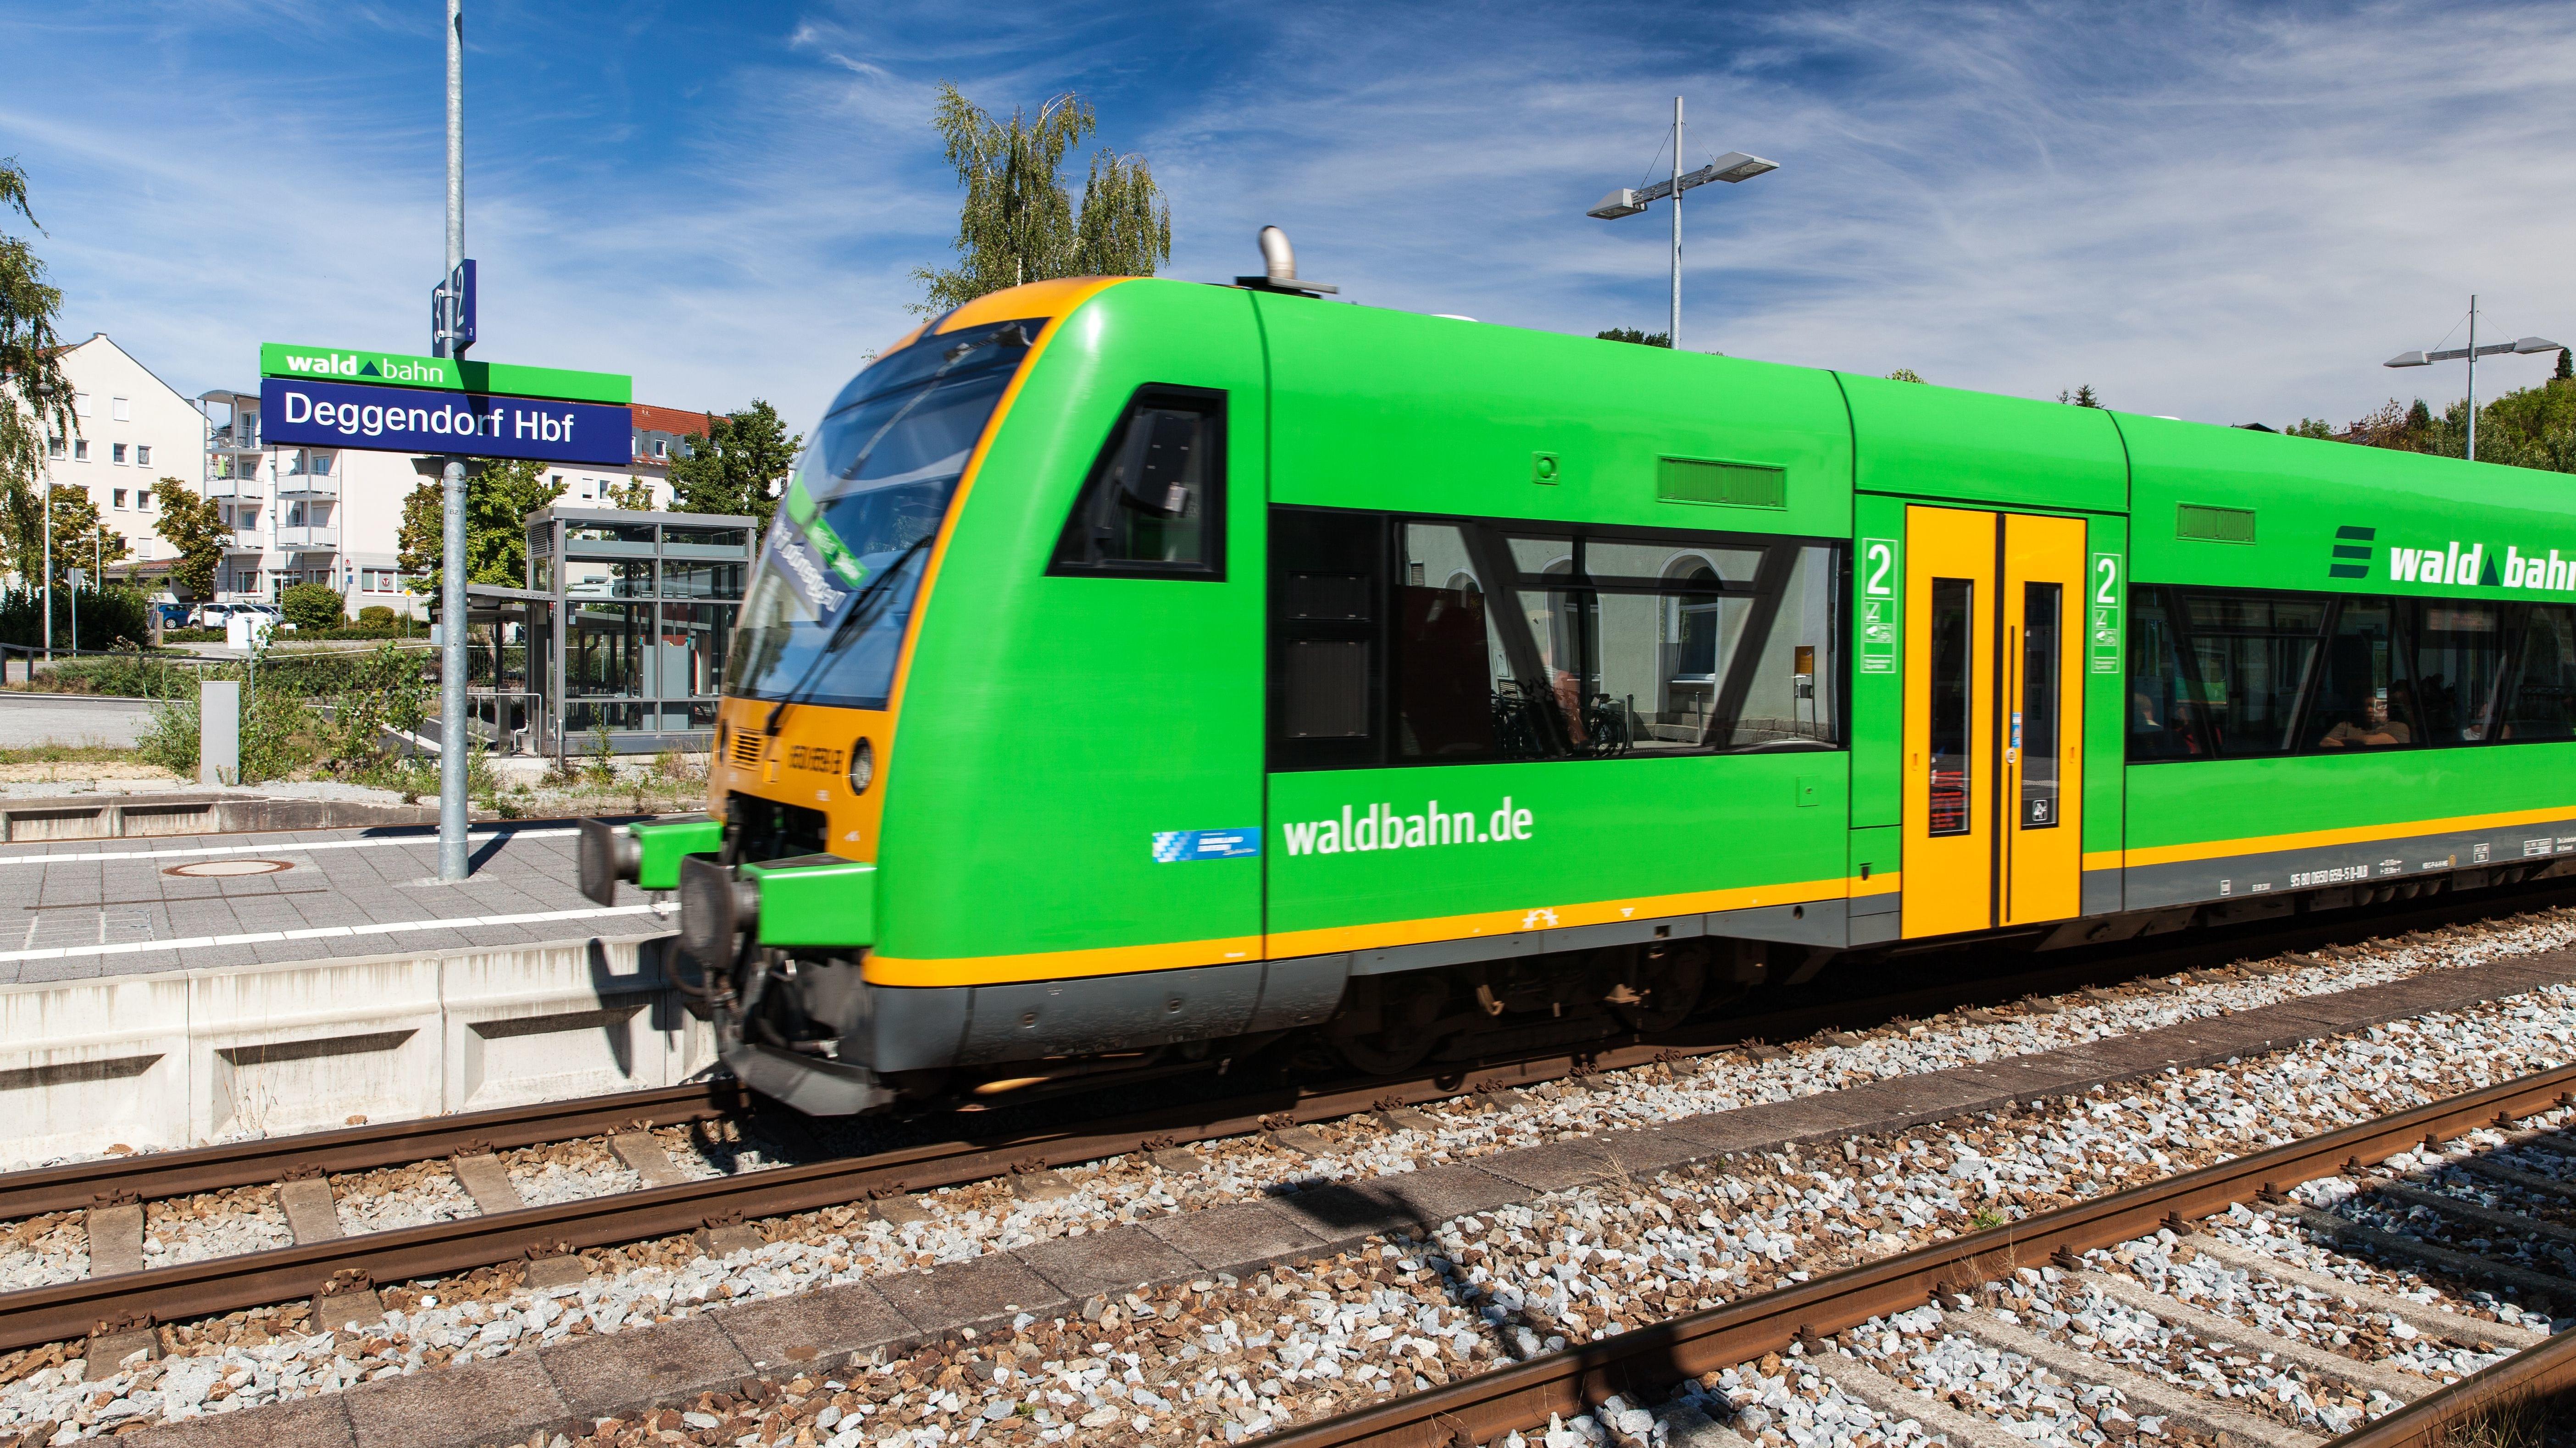 Die Waldbahn im niederbayerischen Deggendorf.